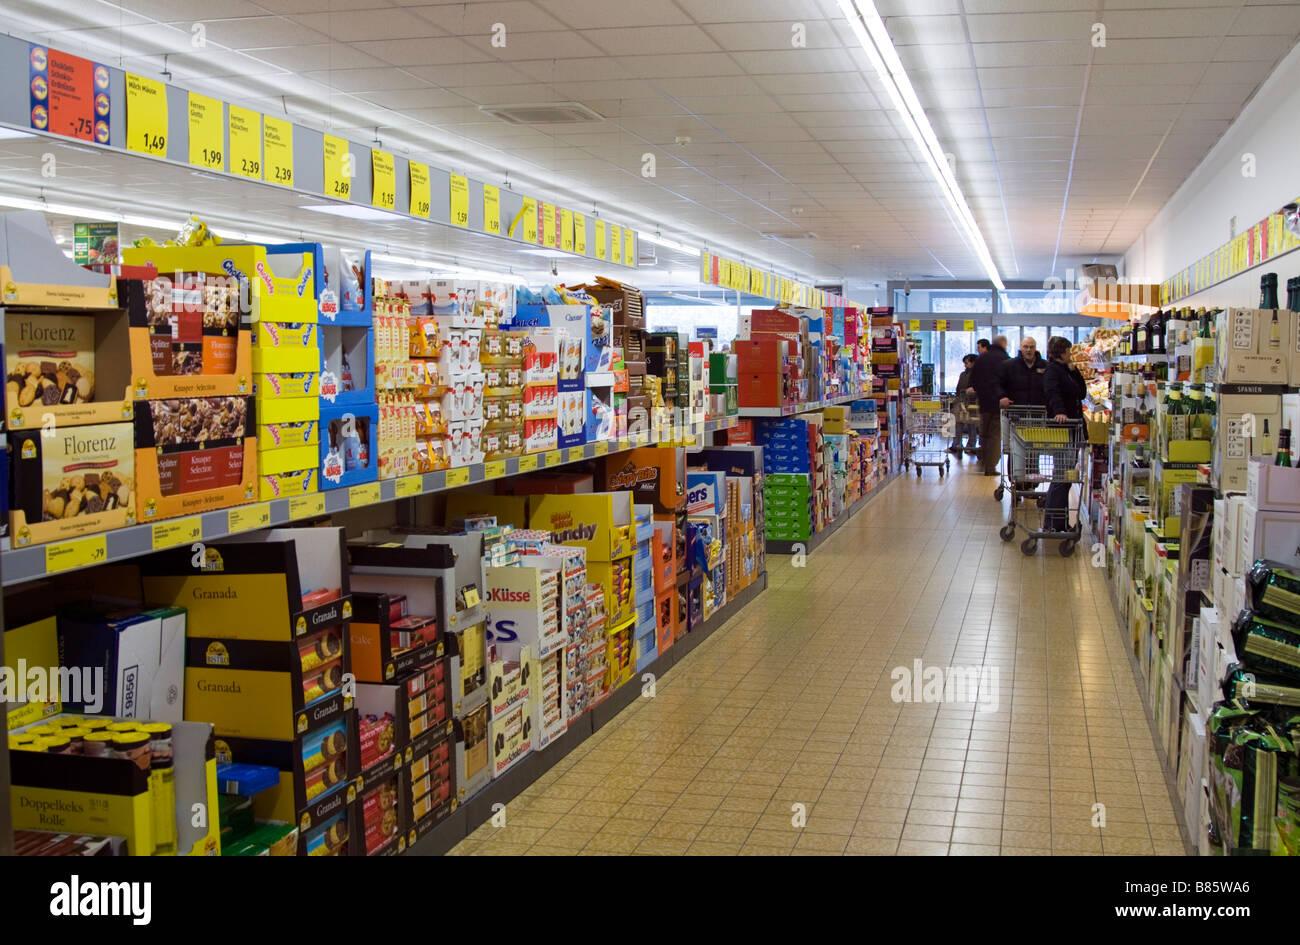 Aldi Deutschland Kühlschrank : Aldi interior stockfotos aldi interior bilder alamy